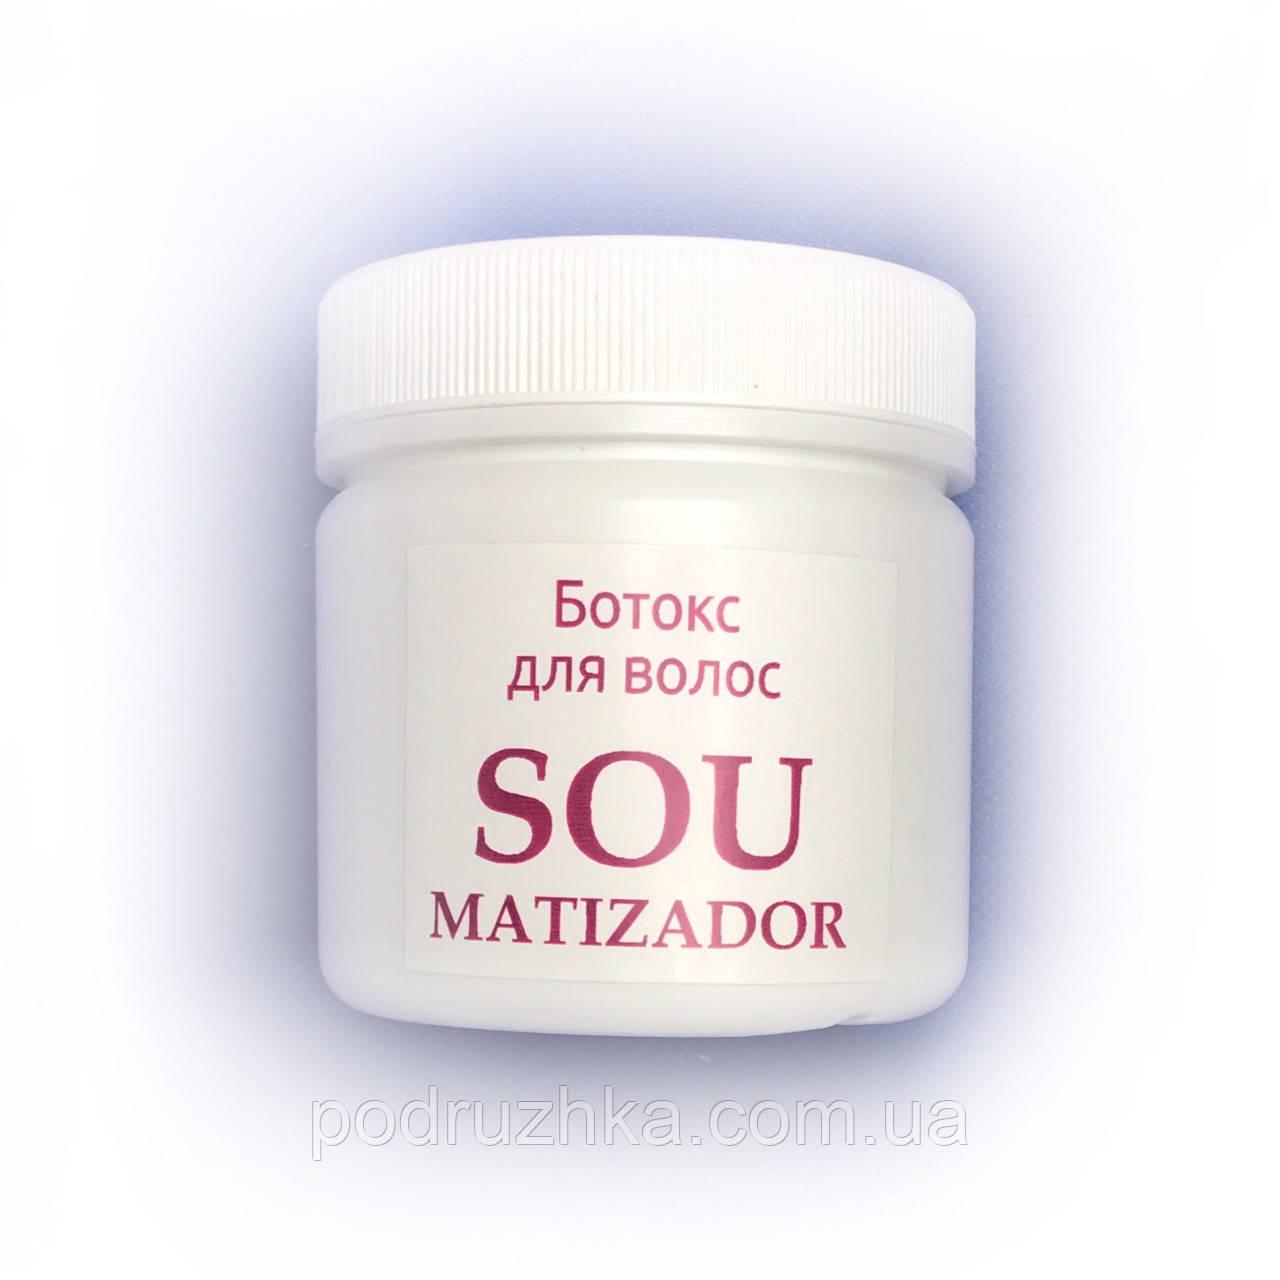 Ботокс для волос XBTX SOU Loira Lisa Matizador 100 г